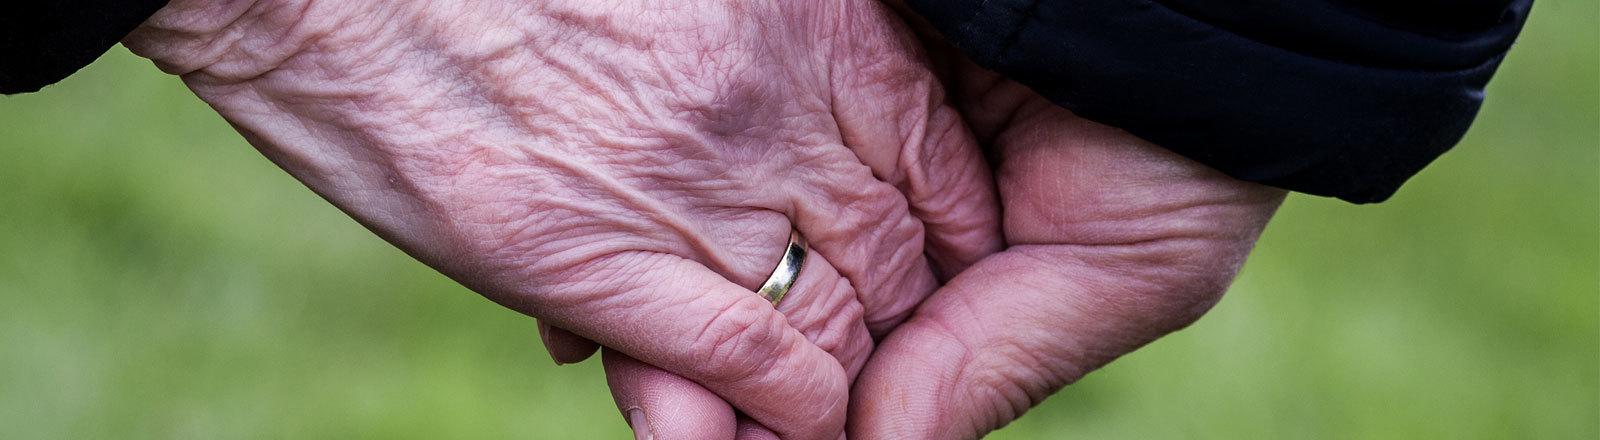 Zwei Hände halten einander fest, ein Ehering ist zu sehen.